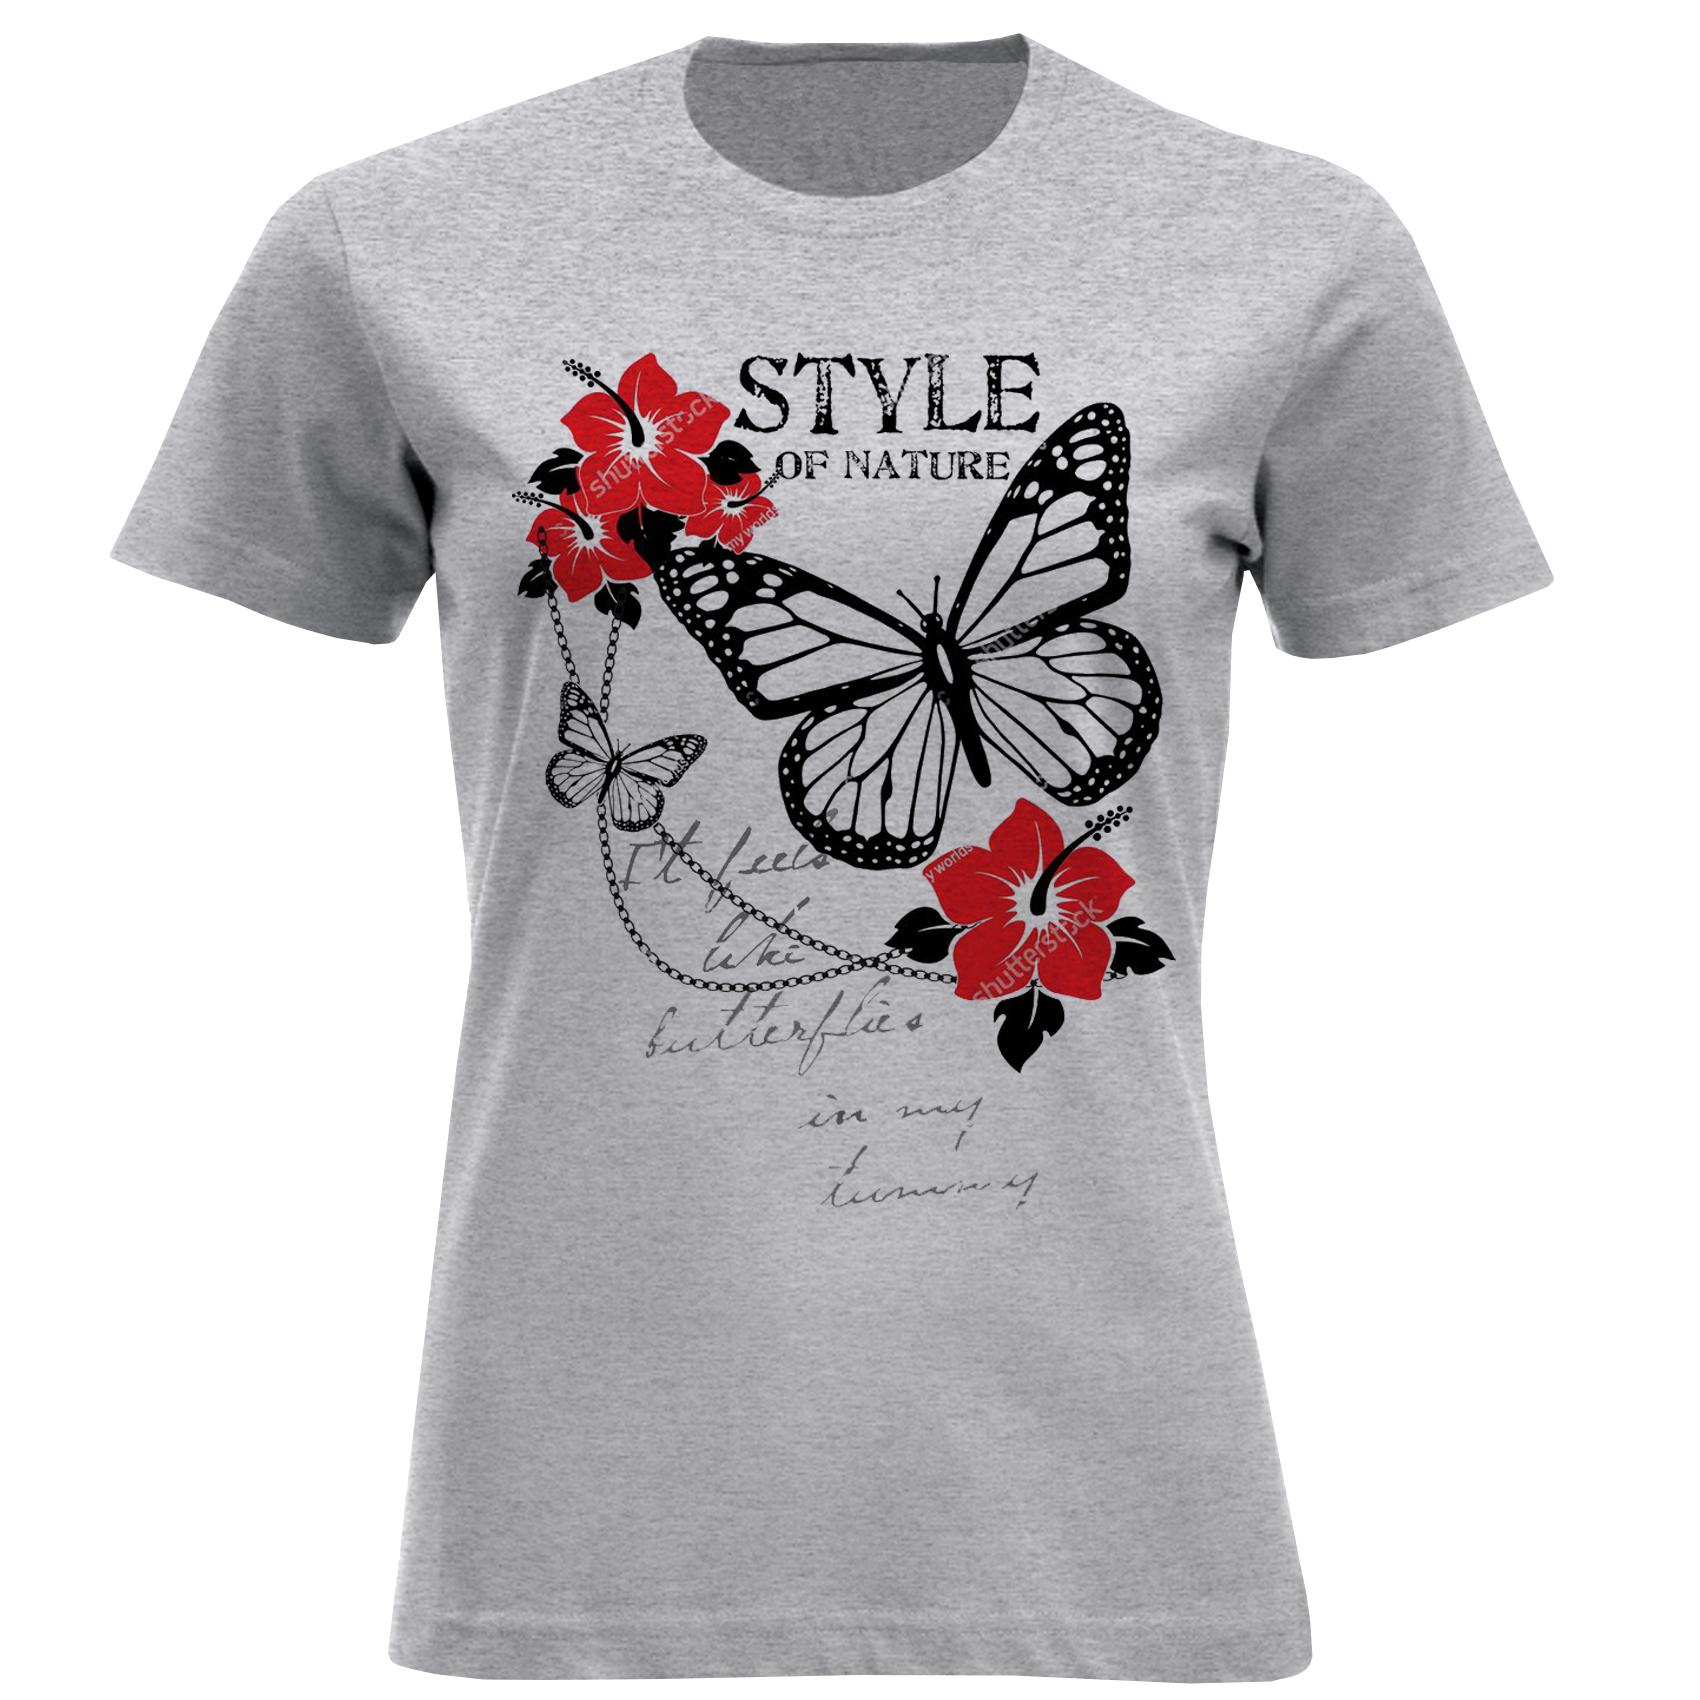 تی شرت آستین کوتاه زنانه مدل گل و پروانه F790